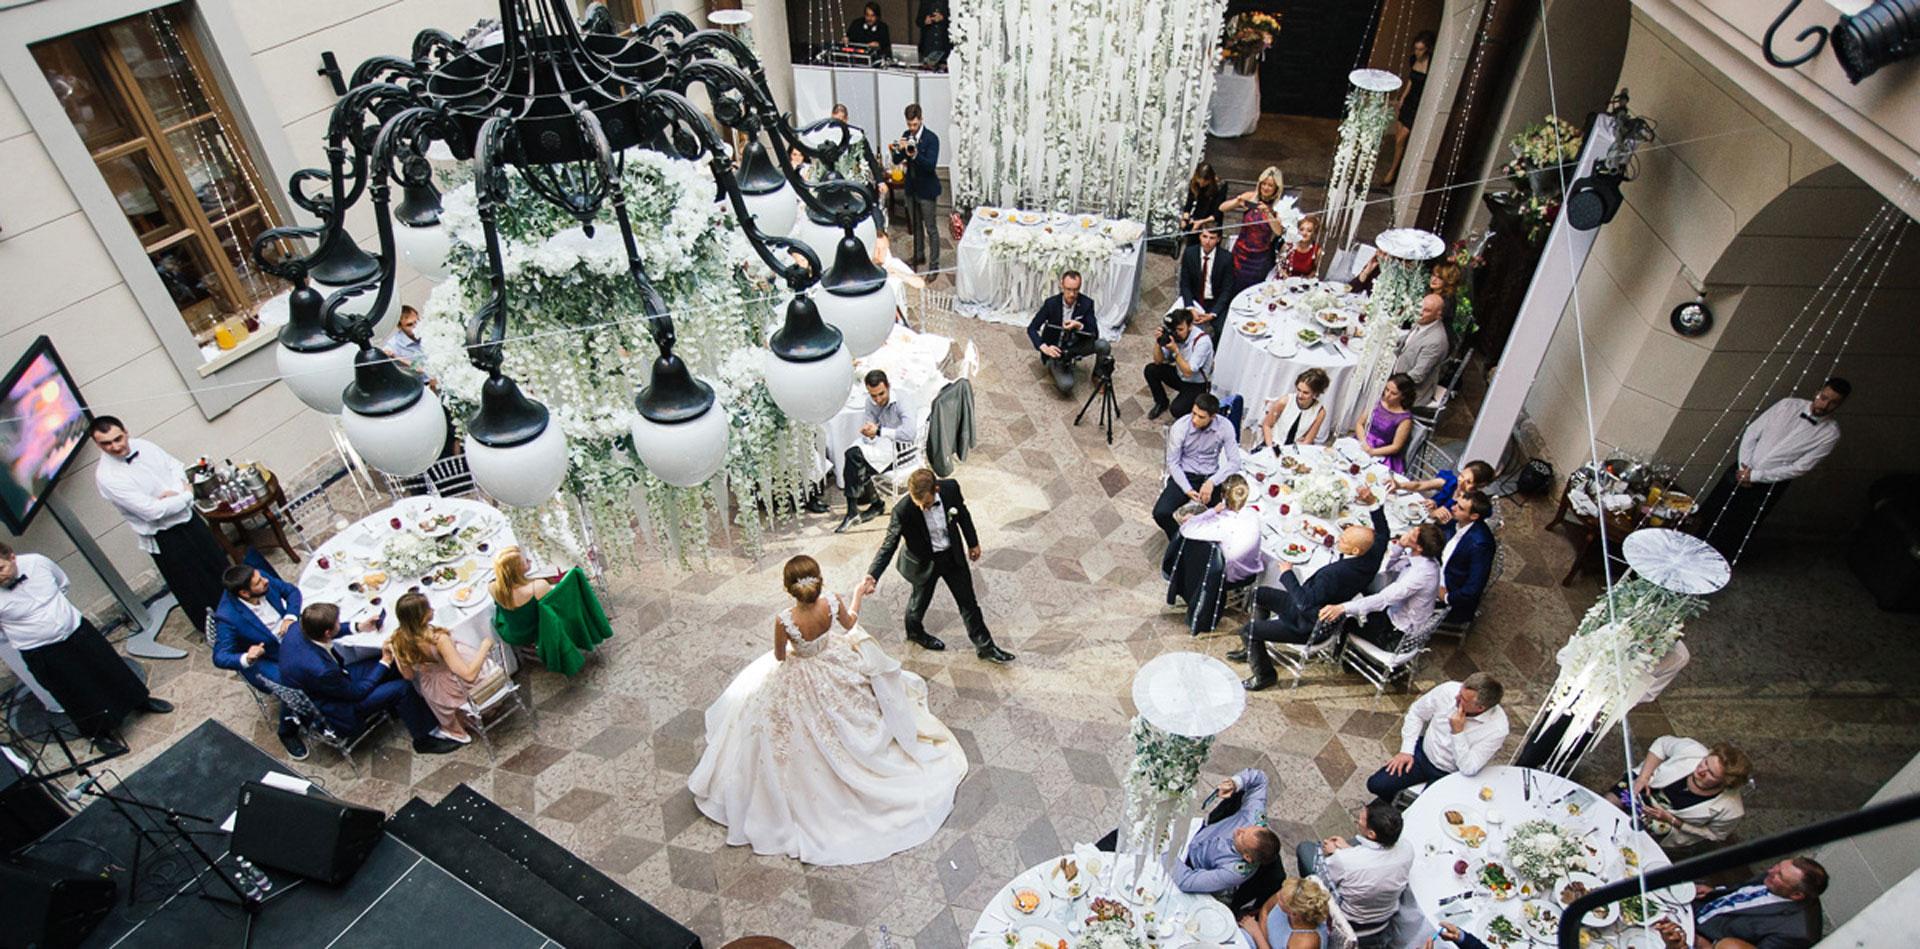 Зимняя сказка. Свадьба Дмитрия Малышко и Екатерины Тихоновой фото 17